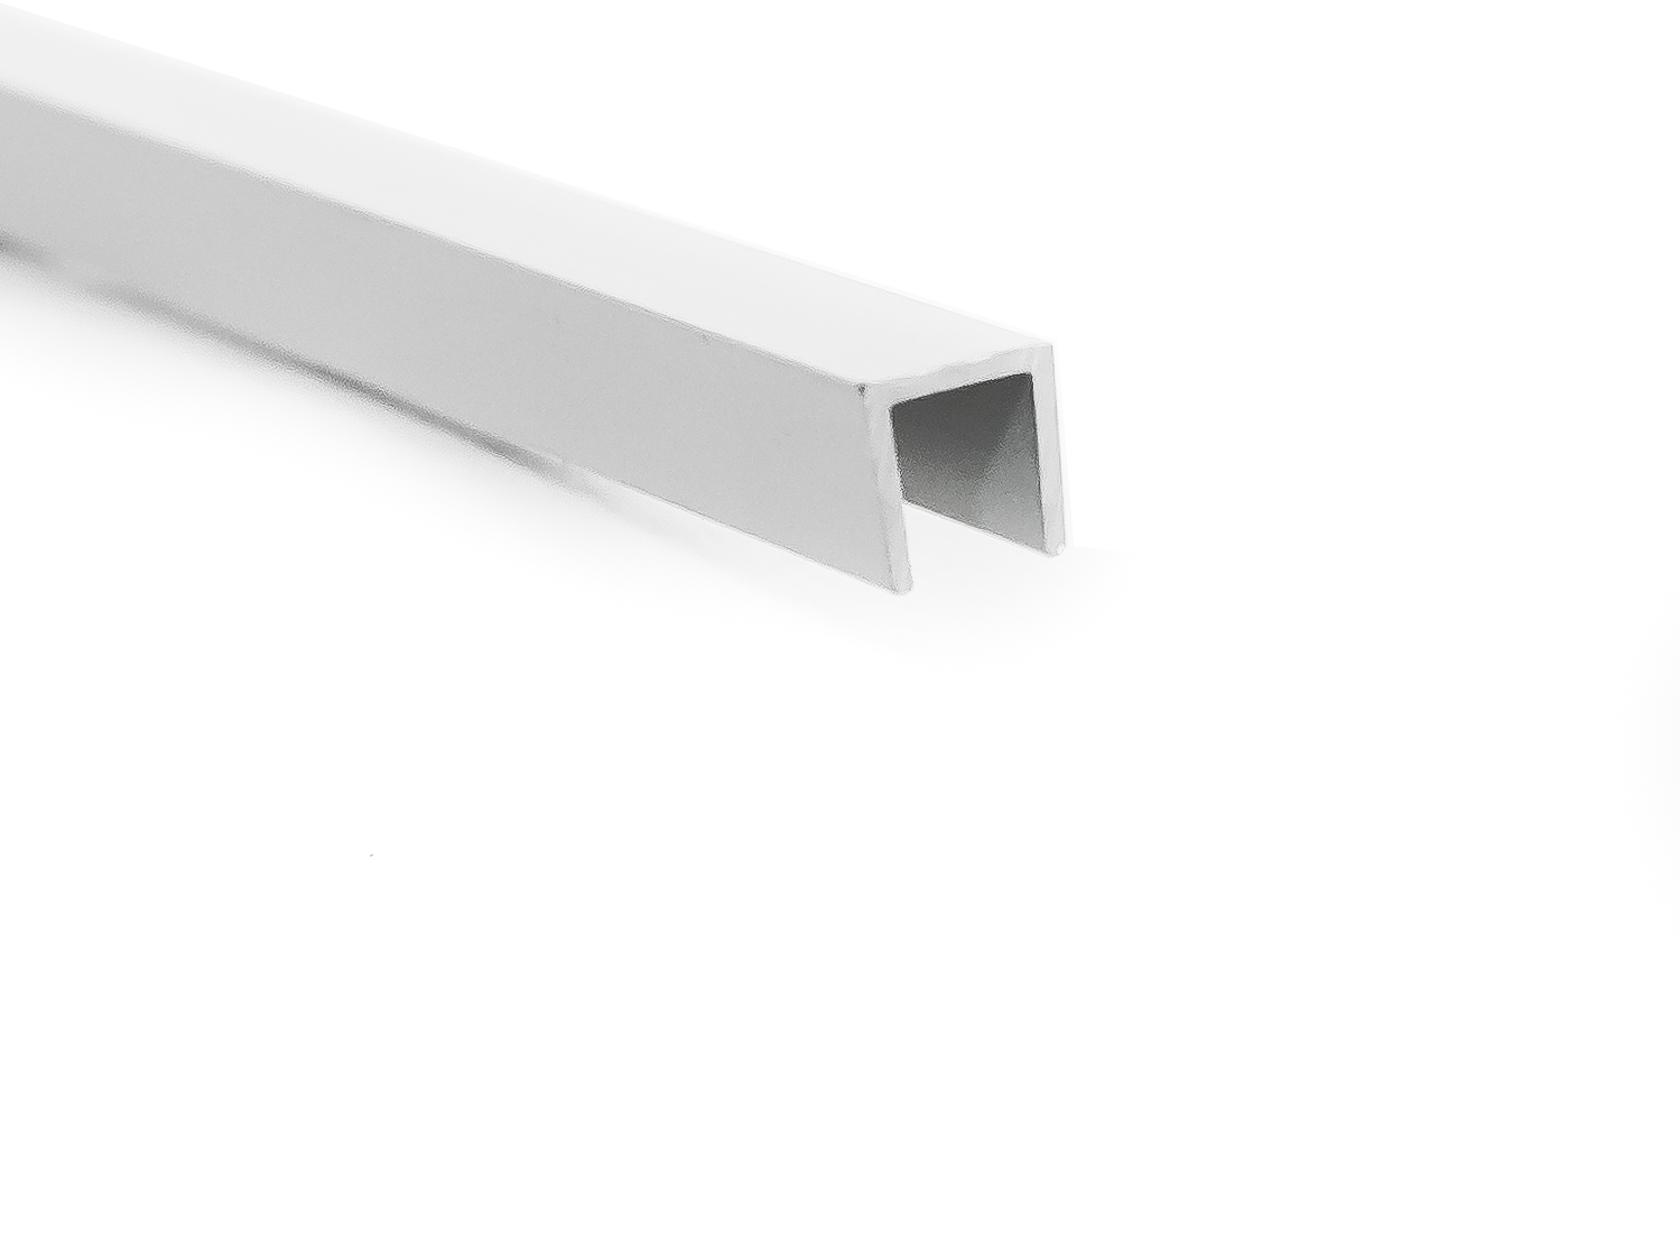 Планка Сокол Планка для стеновой панели торцевая планка торцевая для металлочерепицы 80х100 мм 2м зеленая ral 6005